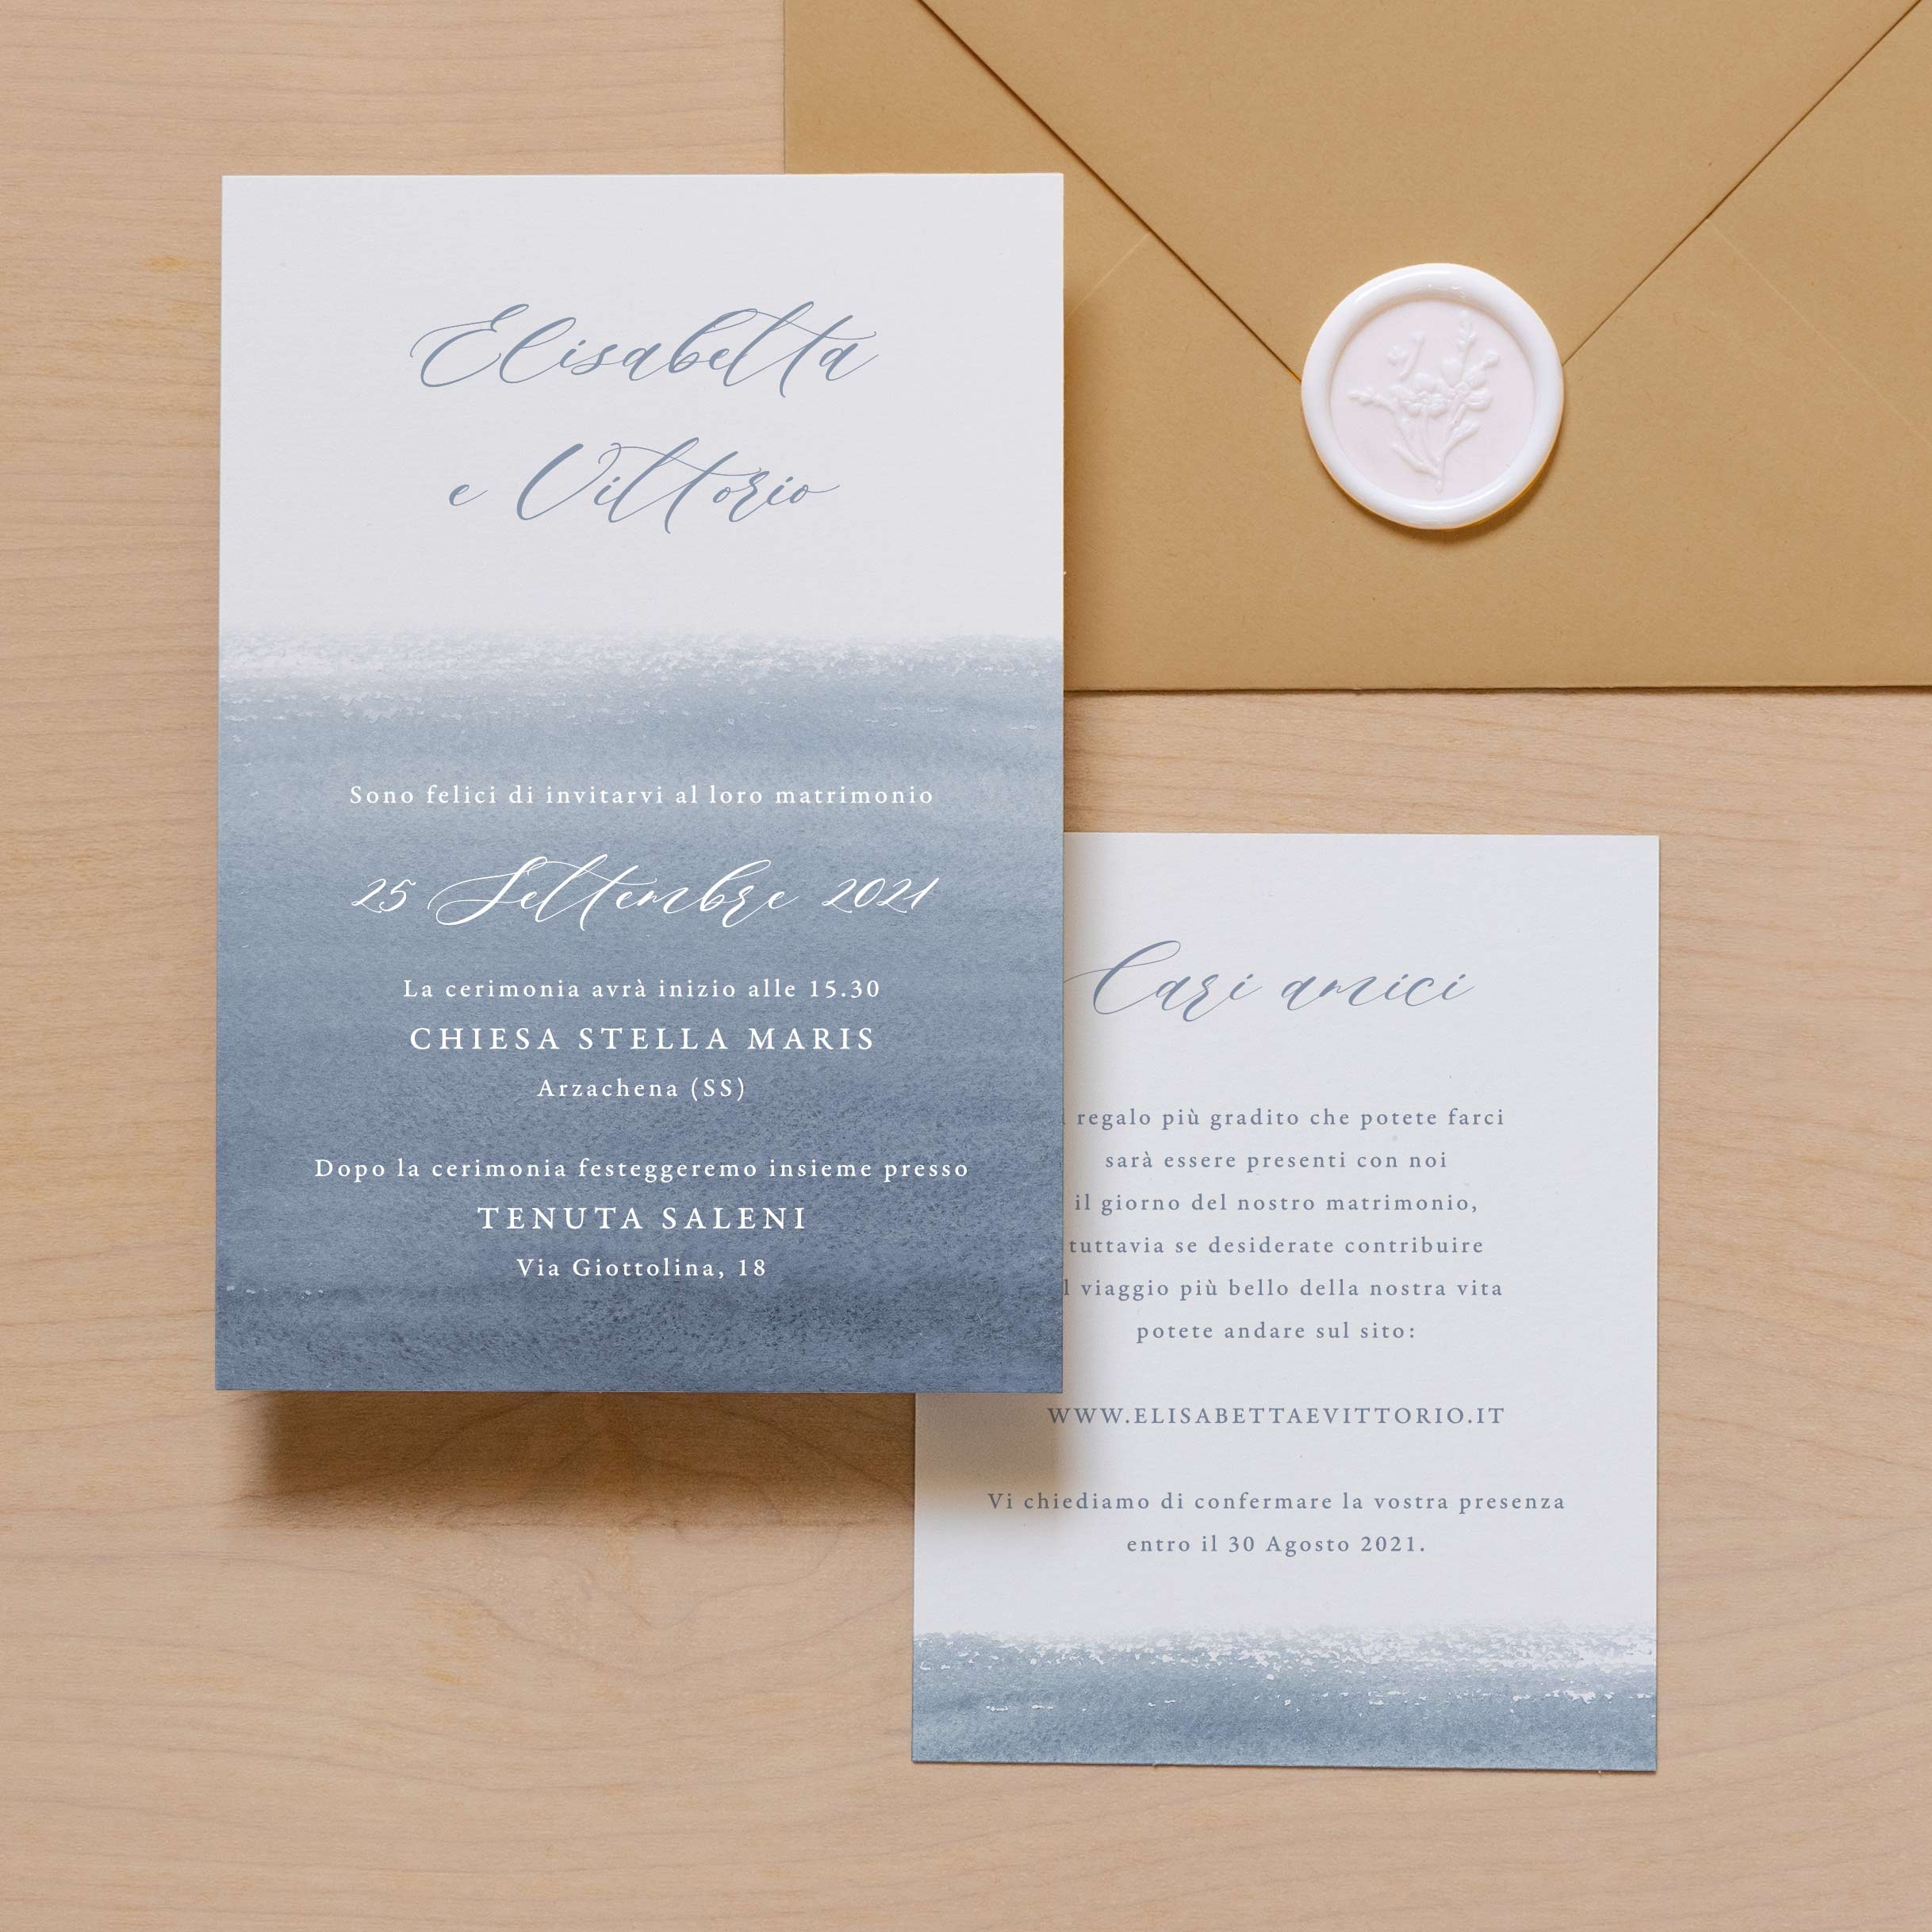 Partecipazioni-nozze-matrimonio-2021-mare-sabbia-spiaggia-moderne-eleganti-semplice-matrimonio-nozze-mare-modelli-sicilia-sardegna